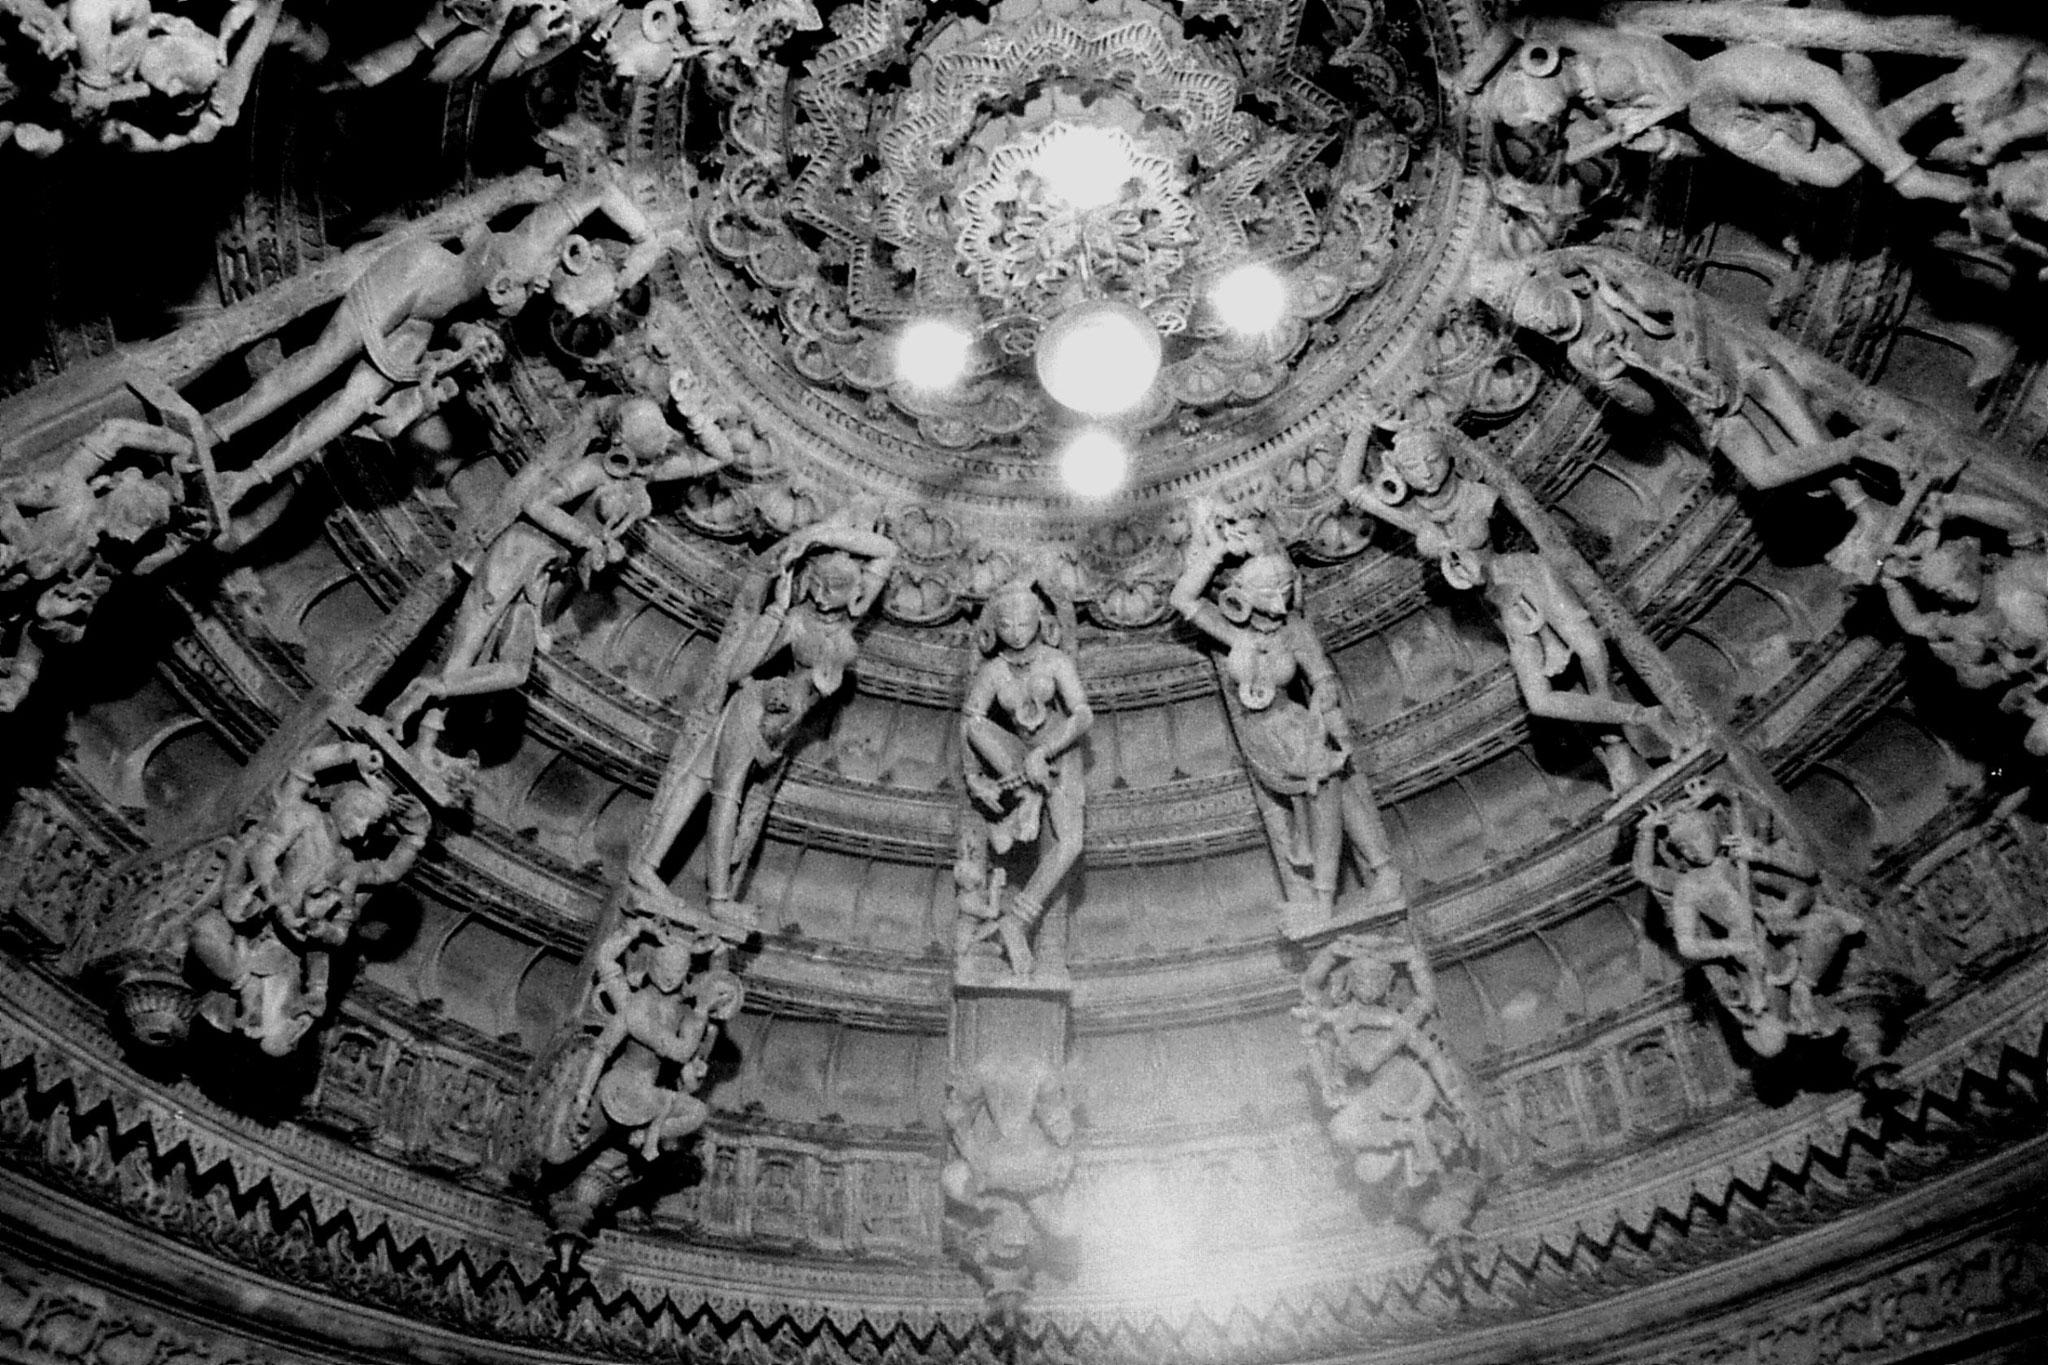 2/12/1989: 15: Jain temple